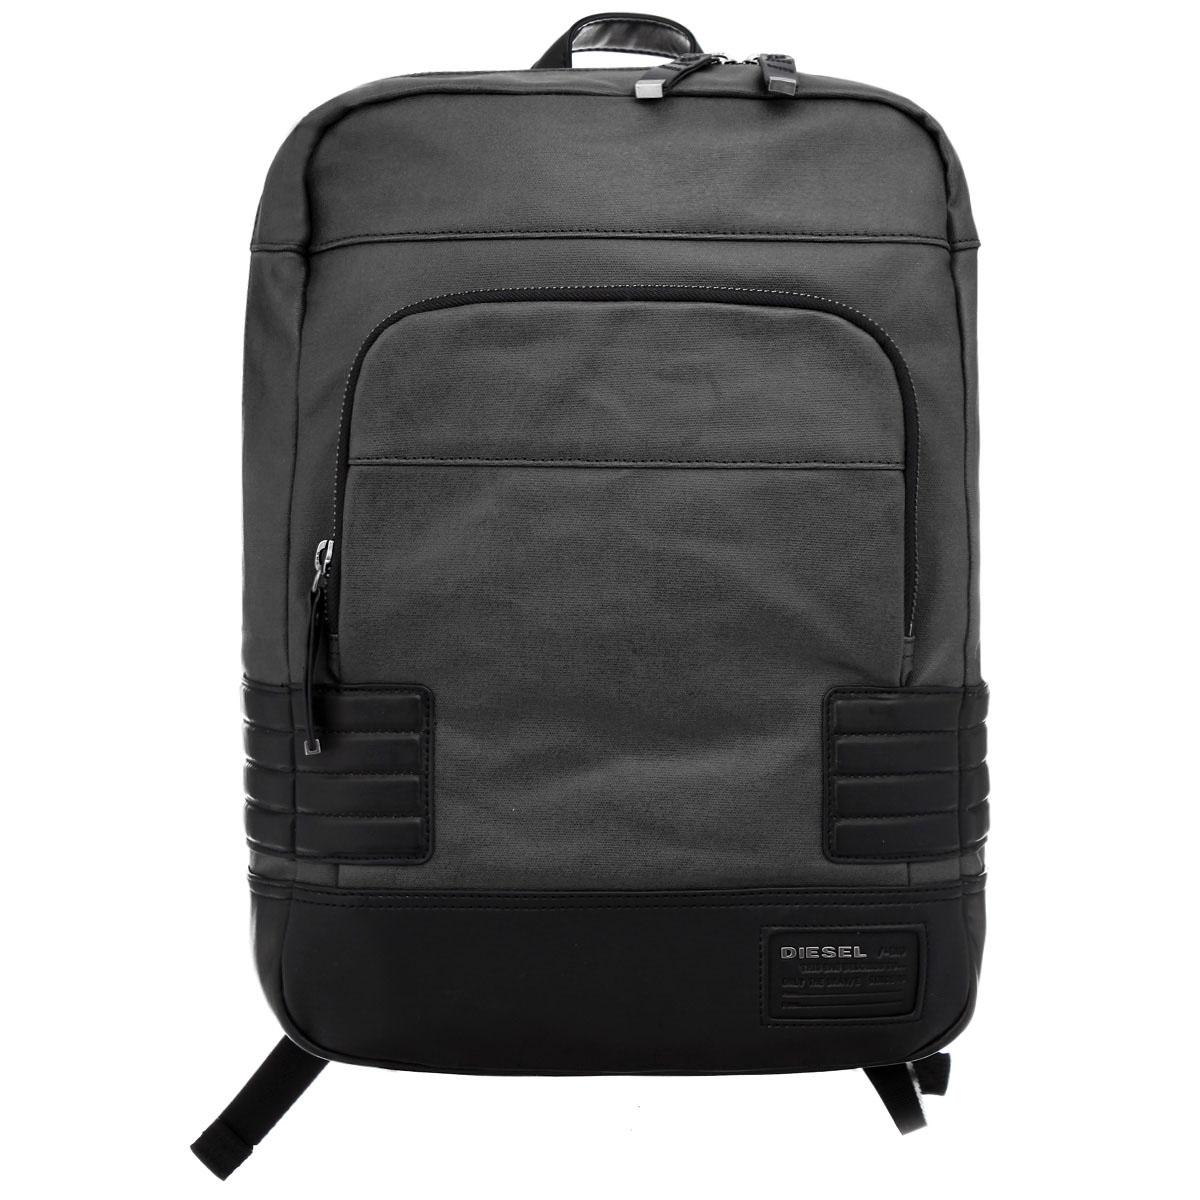 Рюкзак мужской Diesel, цвет: черный, серый. X02676-PS888/H1669X02676-PS888/H1669Стильный мужской рюкзак Diesel выполнен из полиуретана и текстиля, оформлен логотипом производителя. Рюкзак оснащен одним основным отделением, закрывающимся на застежку-молнию. Внутри основного отделения размещен мягкий карман для планшета на липучке и встроенный органайзер, включающий в себя вшитый карман на молнии, три накладных кармана, кармашек для ручки и накладной карман на липучке для телефона. Снаружи, лицевой стороне изделия размещен накладной карман на молнии. Рюкзак оснащен практичными широкими лямками, длина которых регулируется, а также петлей для подвешивания изделия. Рюкзак Diesel - практичное и стильное приобретение на каждый день.